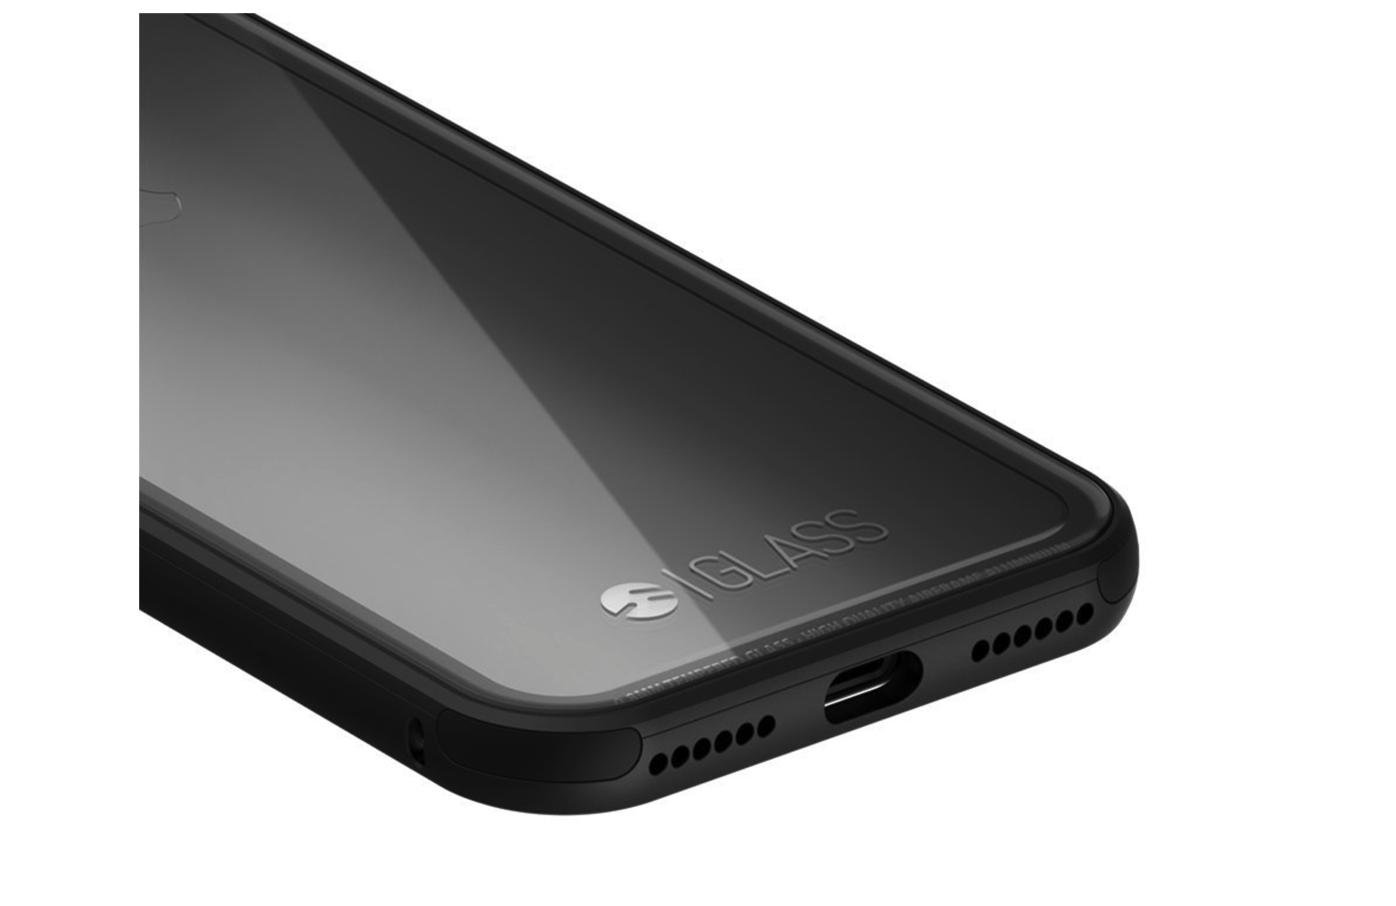 [iPhone]iPhone7 ジェットブラック を美しくクリアに魅せる!にじまないケース 背面 クリア ガラス × 航空機使用 アルミバンパーを注文しました